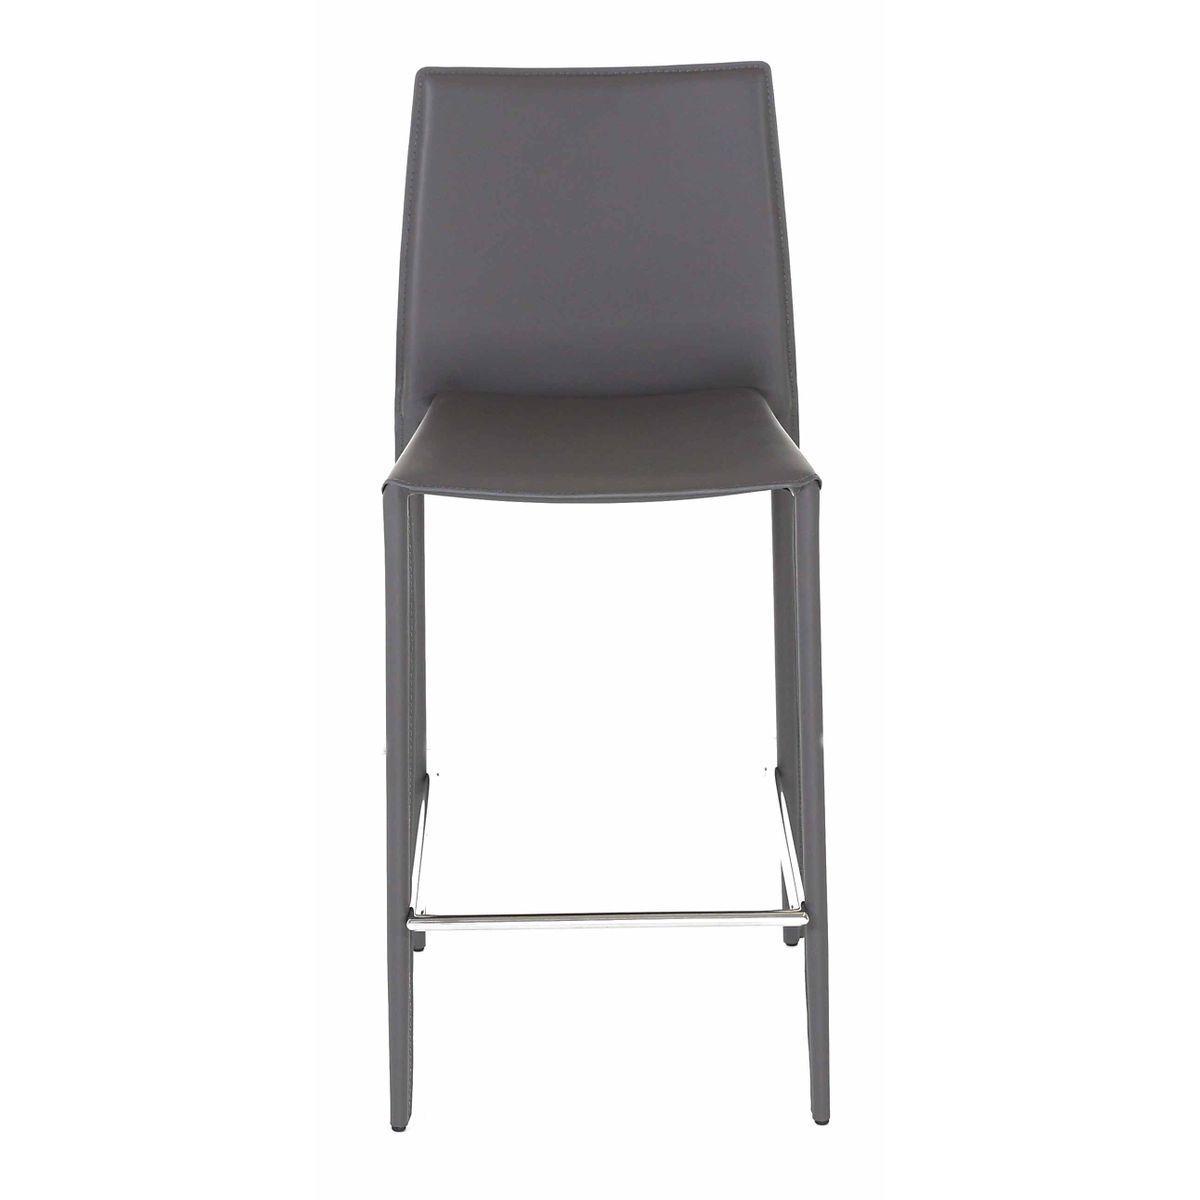 2 x Chaise plan de travail grise Boréale